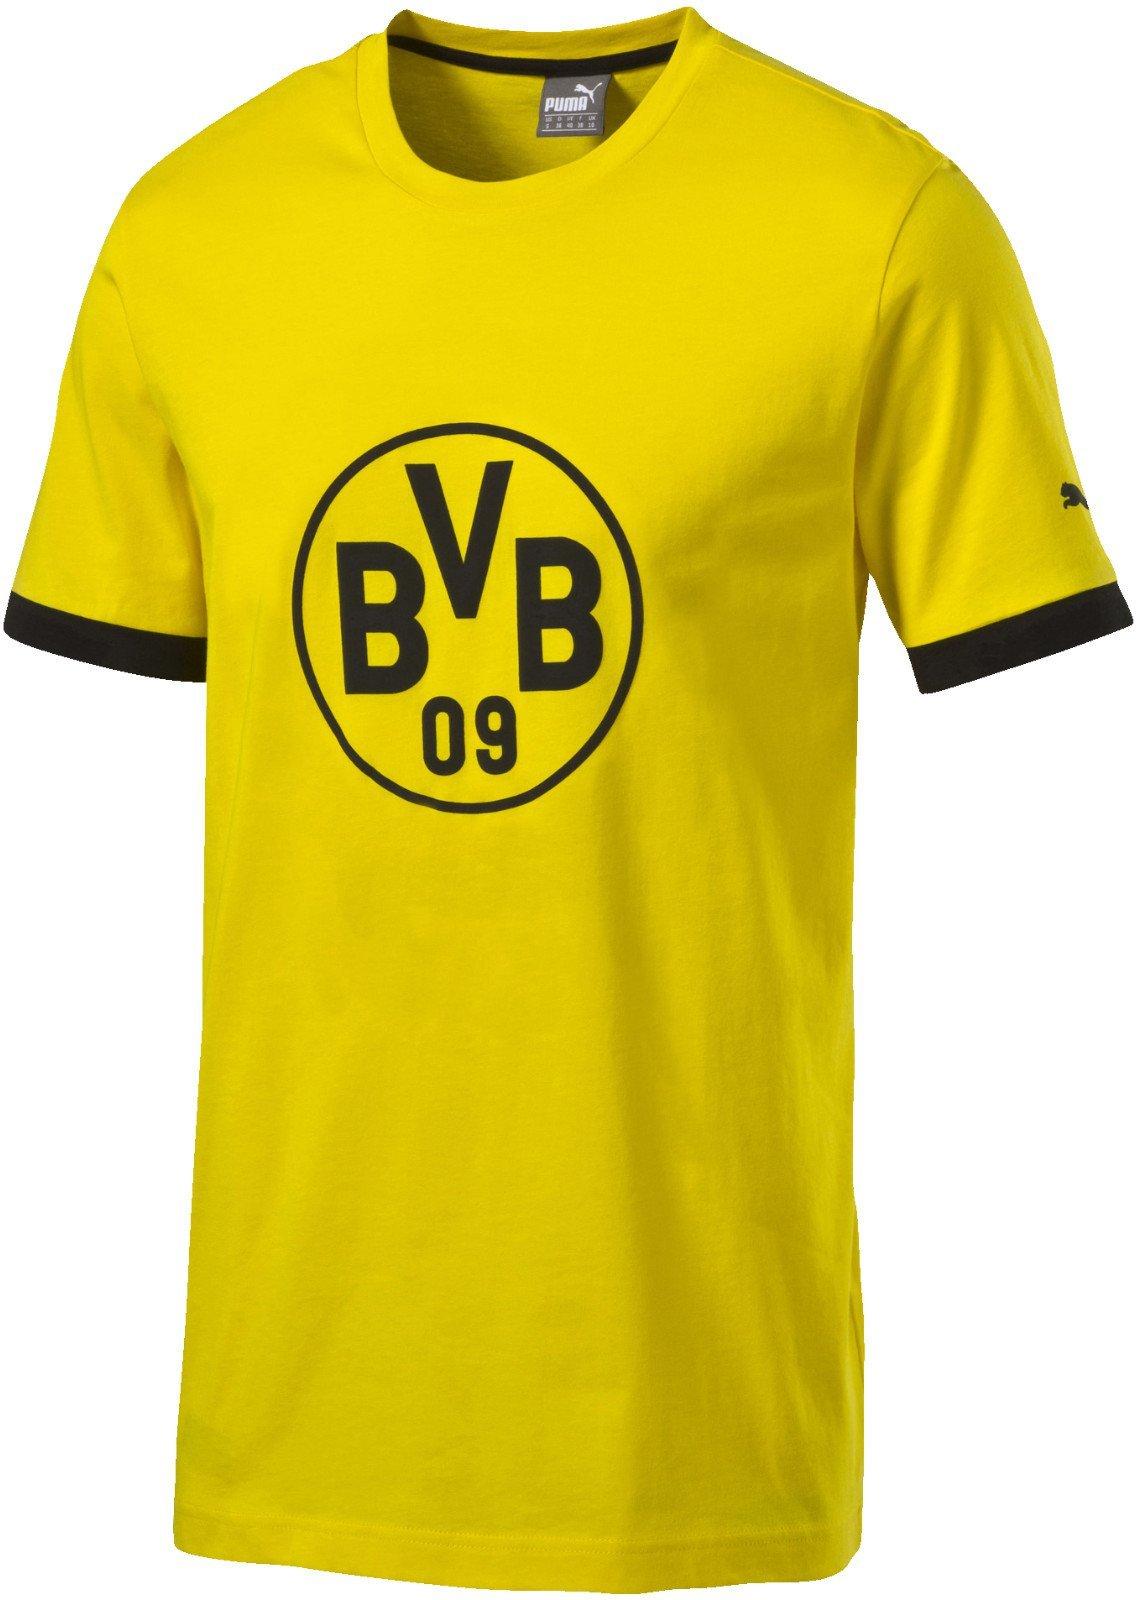 S-3XL Gelb mit Foto-Print vom Signal Iduna Park 100/% Baumwolle gelb BVB-T-Shirt